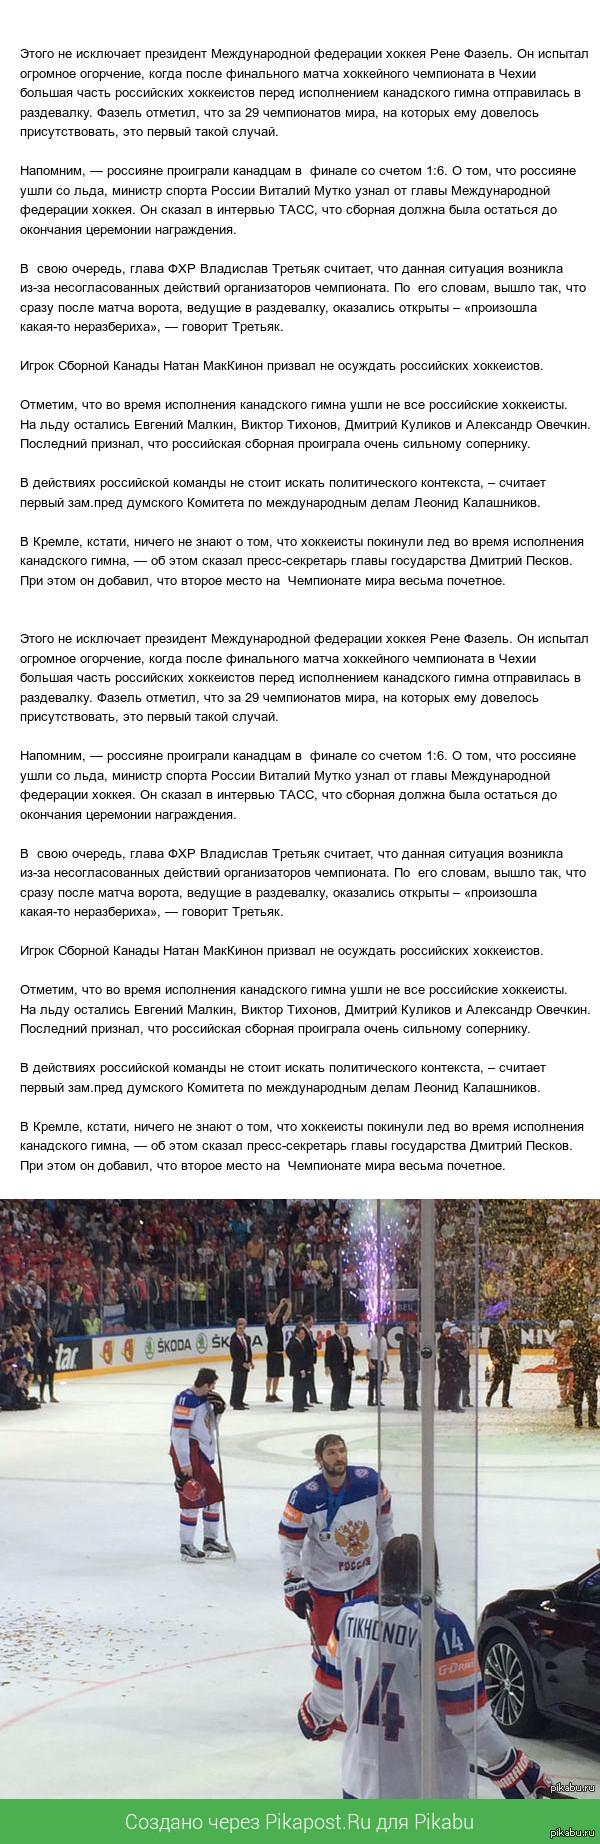 Российских хоккеистов могут наказать за неуважение к сопернику